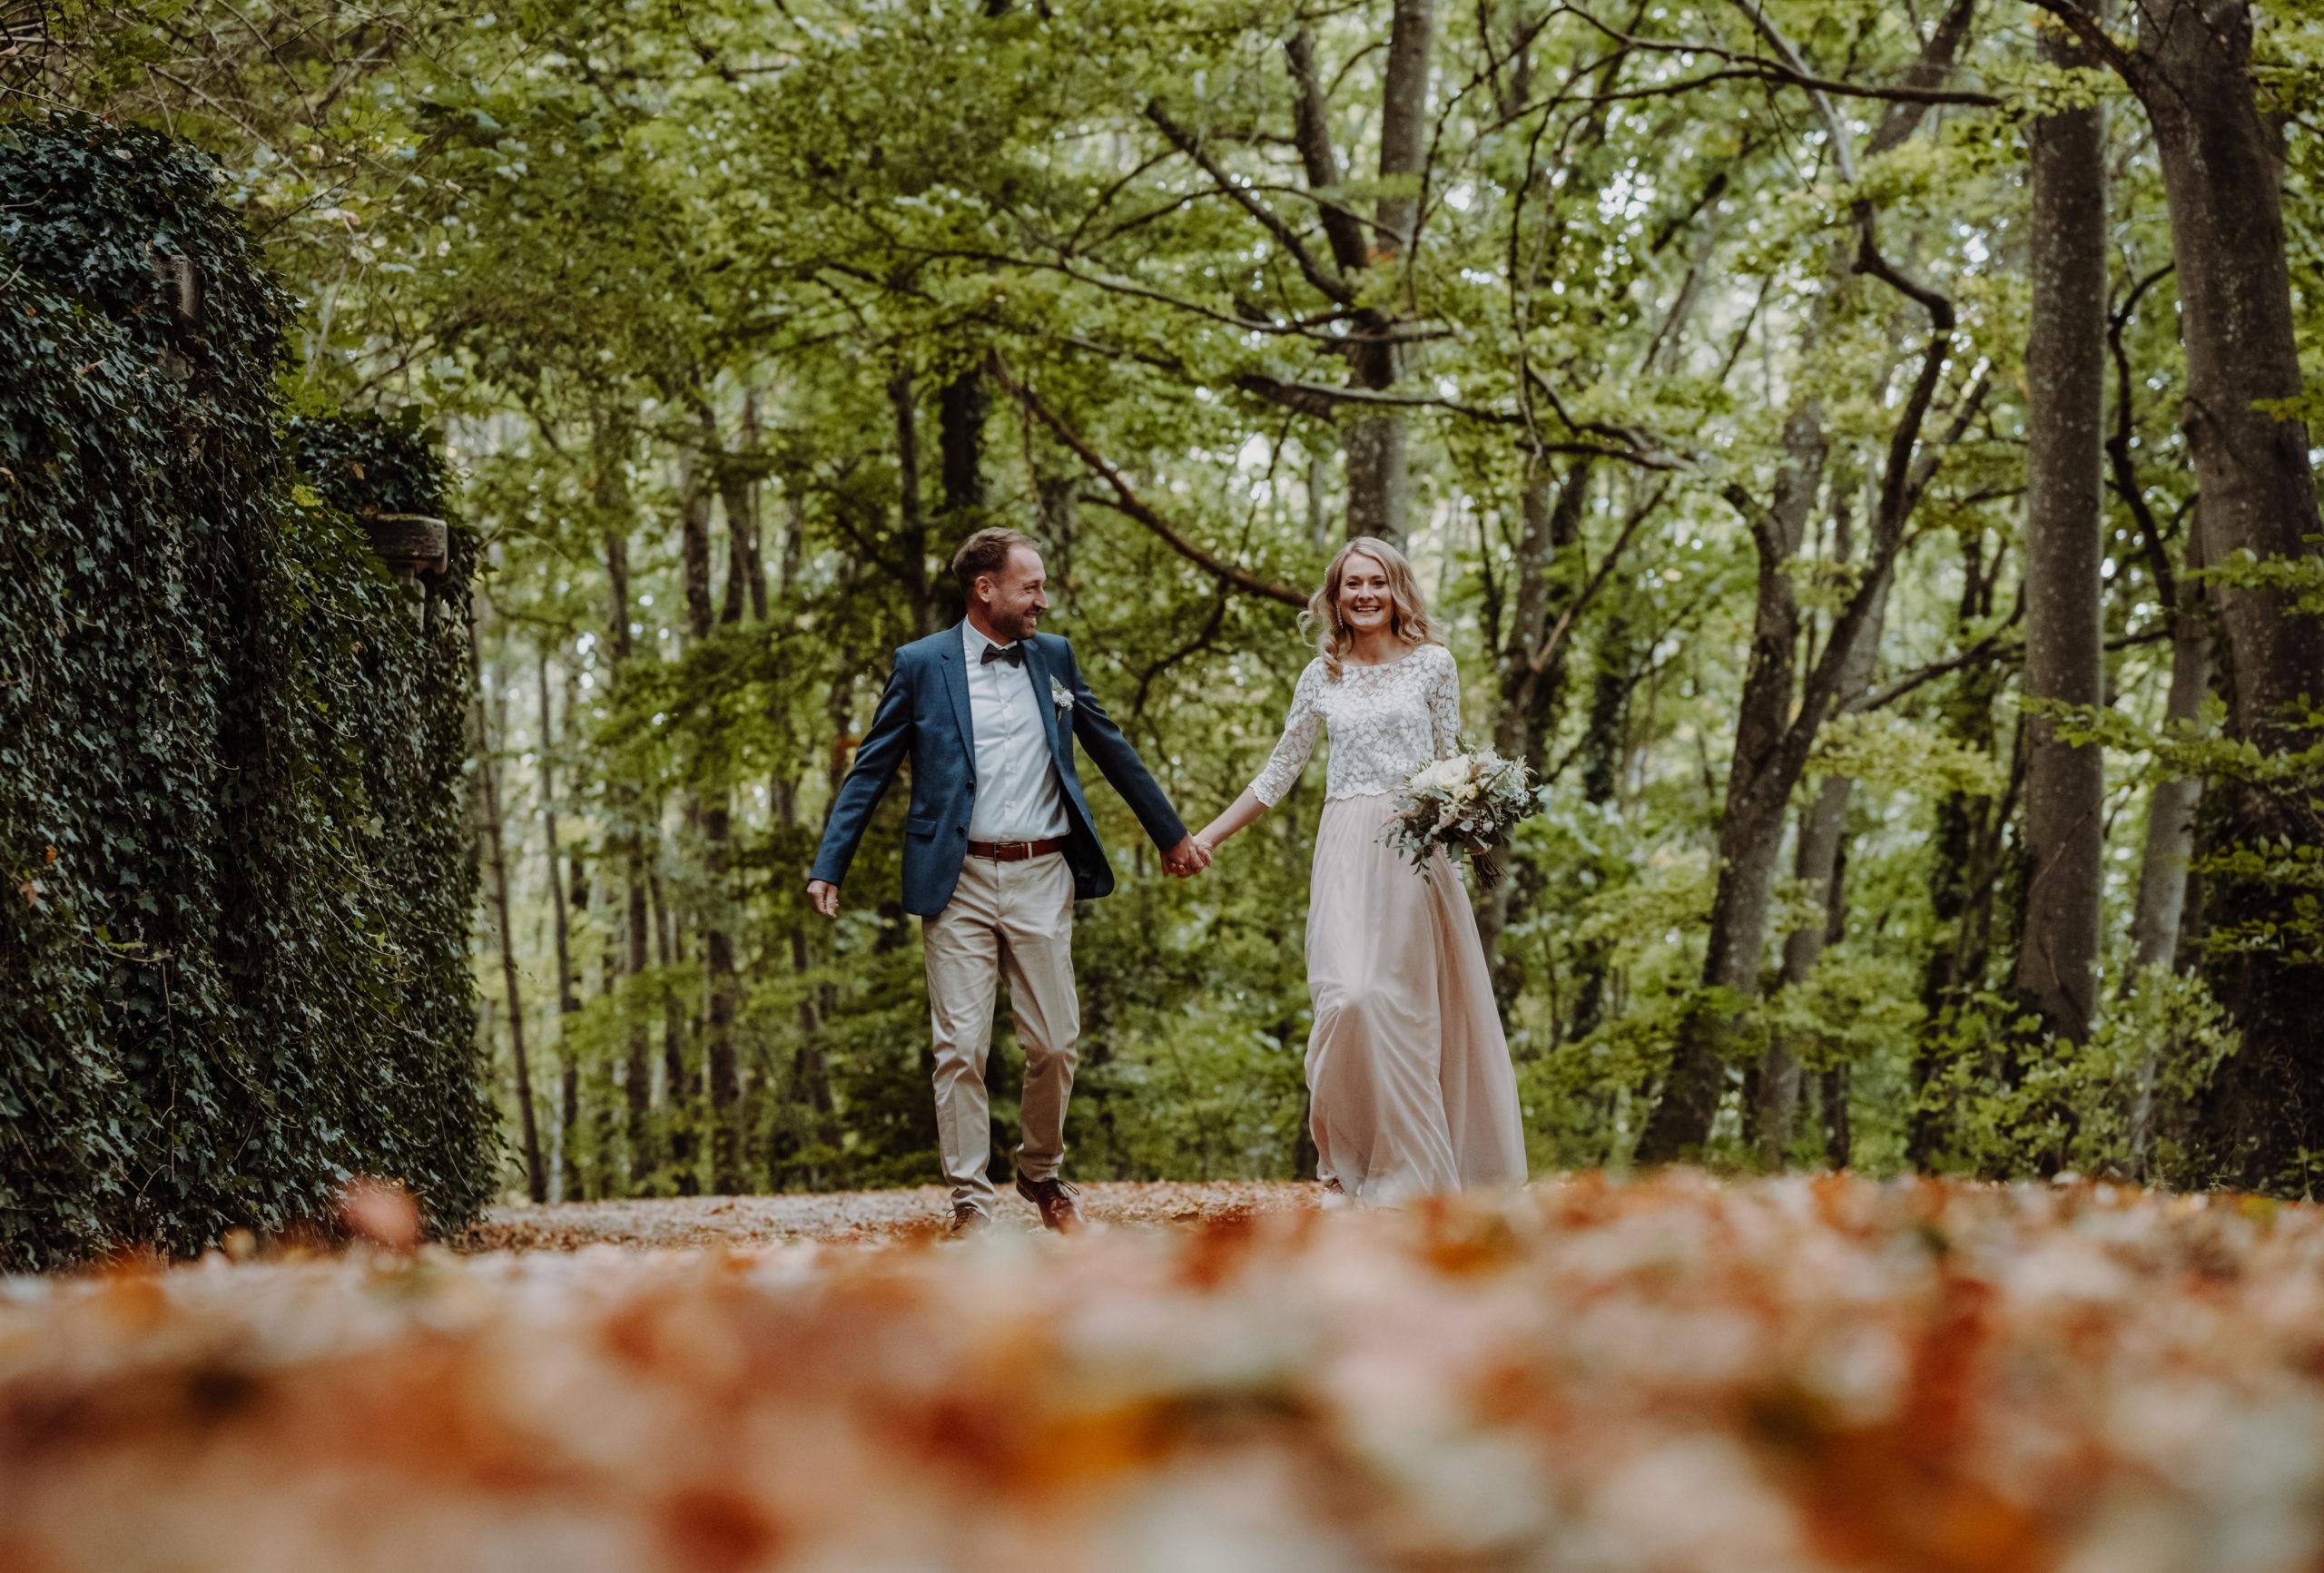 Brautpaar im herbstlichen Wald. Braut mit Zweiteiligem Brautkleid aus Tüllrock in Blush und Spitzentop, sie trägt ihren Brautstrauß. Bräutigam mit beiger Hose, weißem Hemd und blauem Sakko.